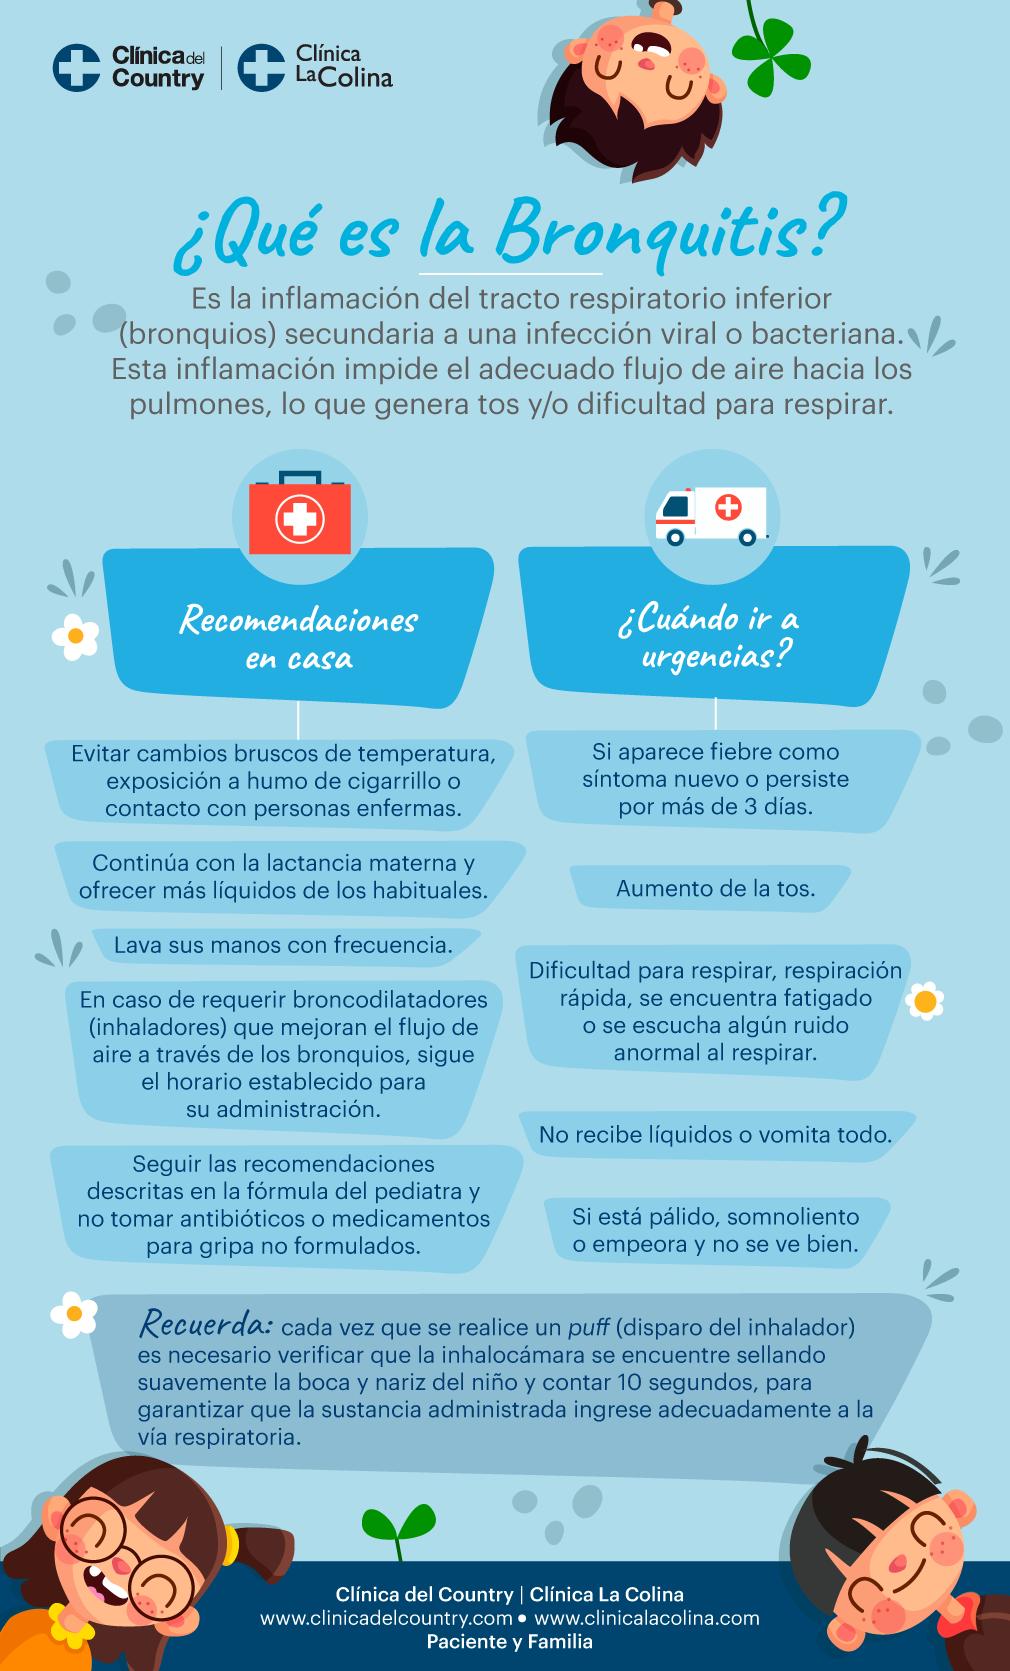 Infografia sobre la enfermedad de la bronquitis